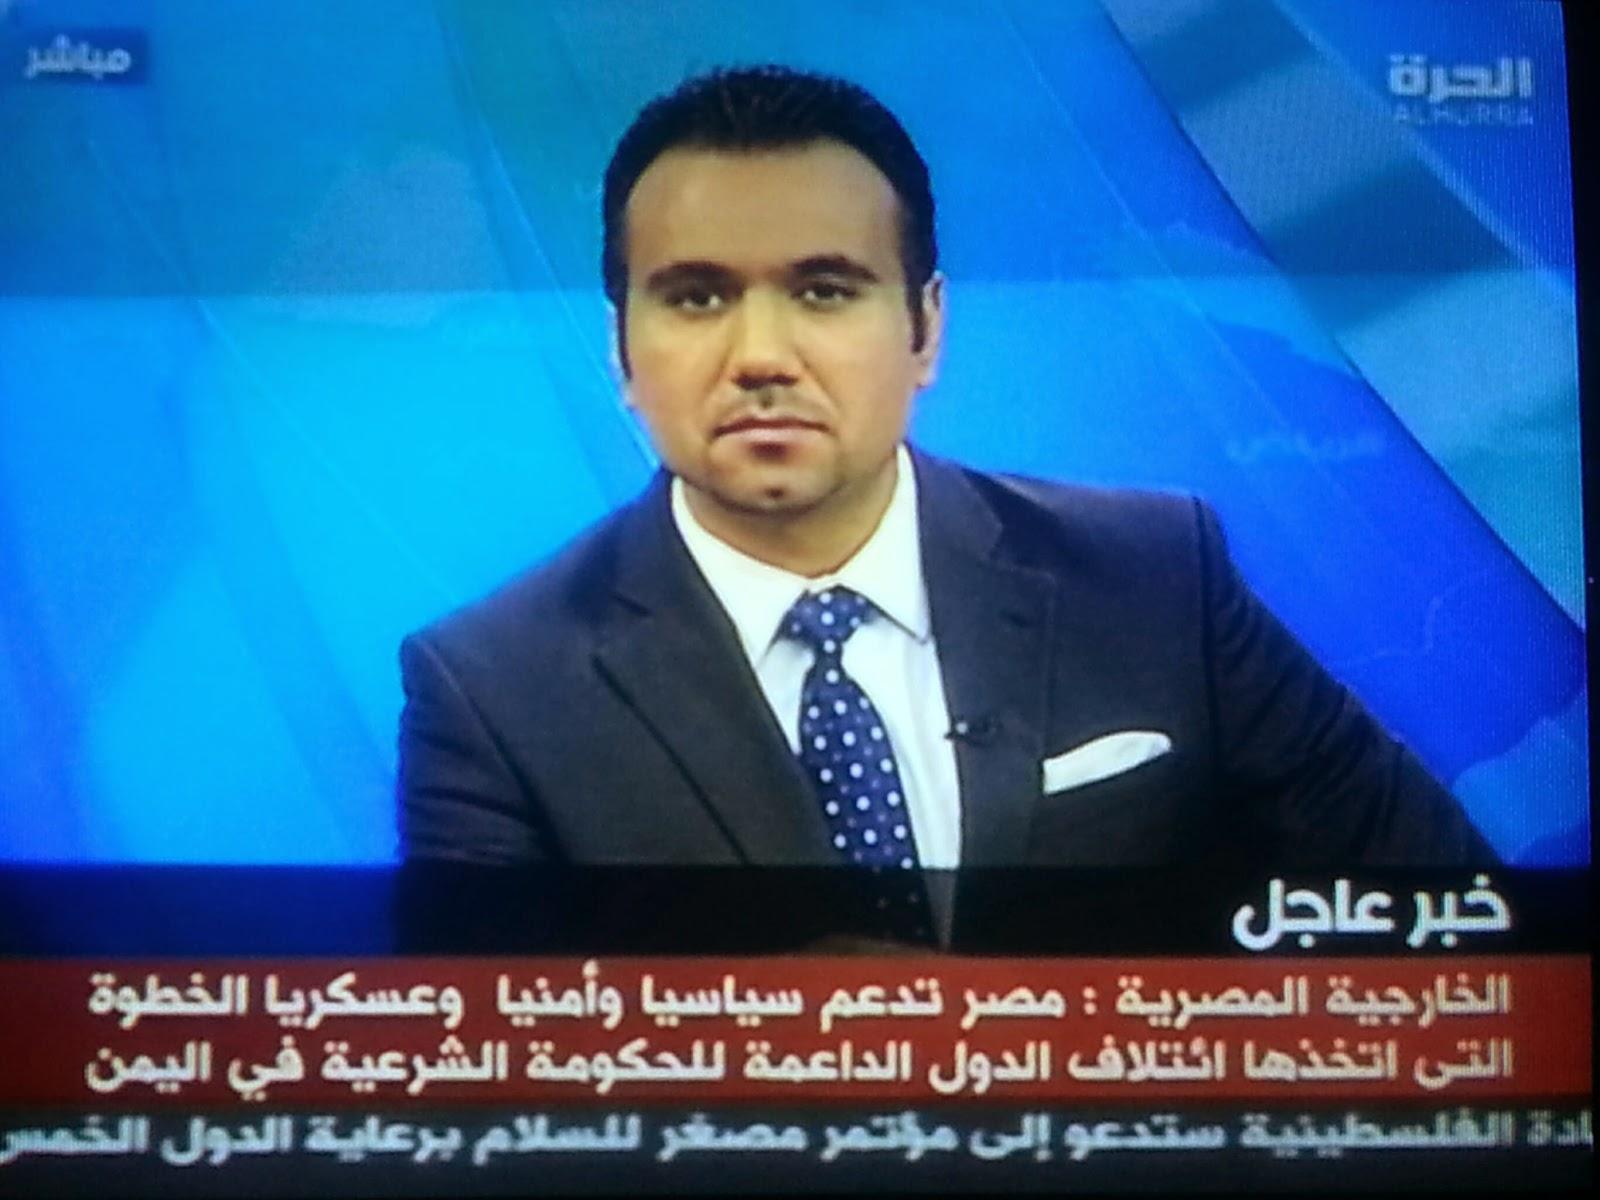 عاجل :مصر تعلن دعمها العسكري